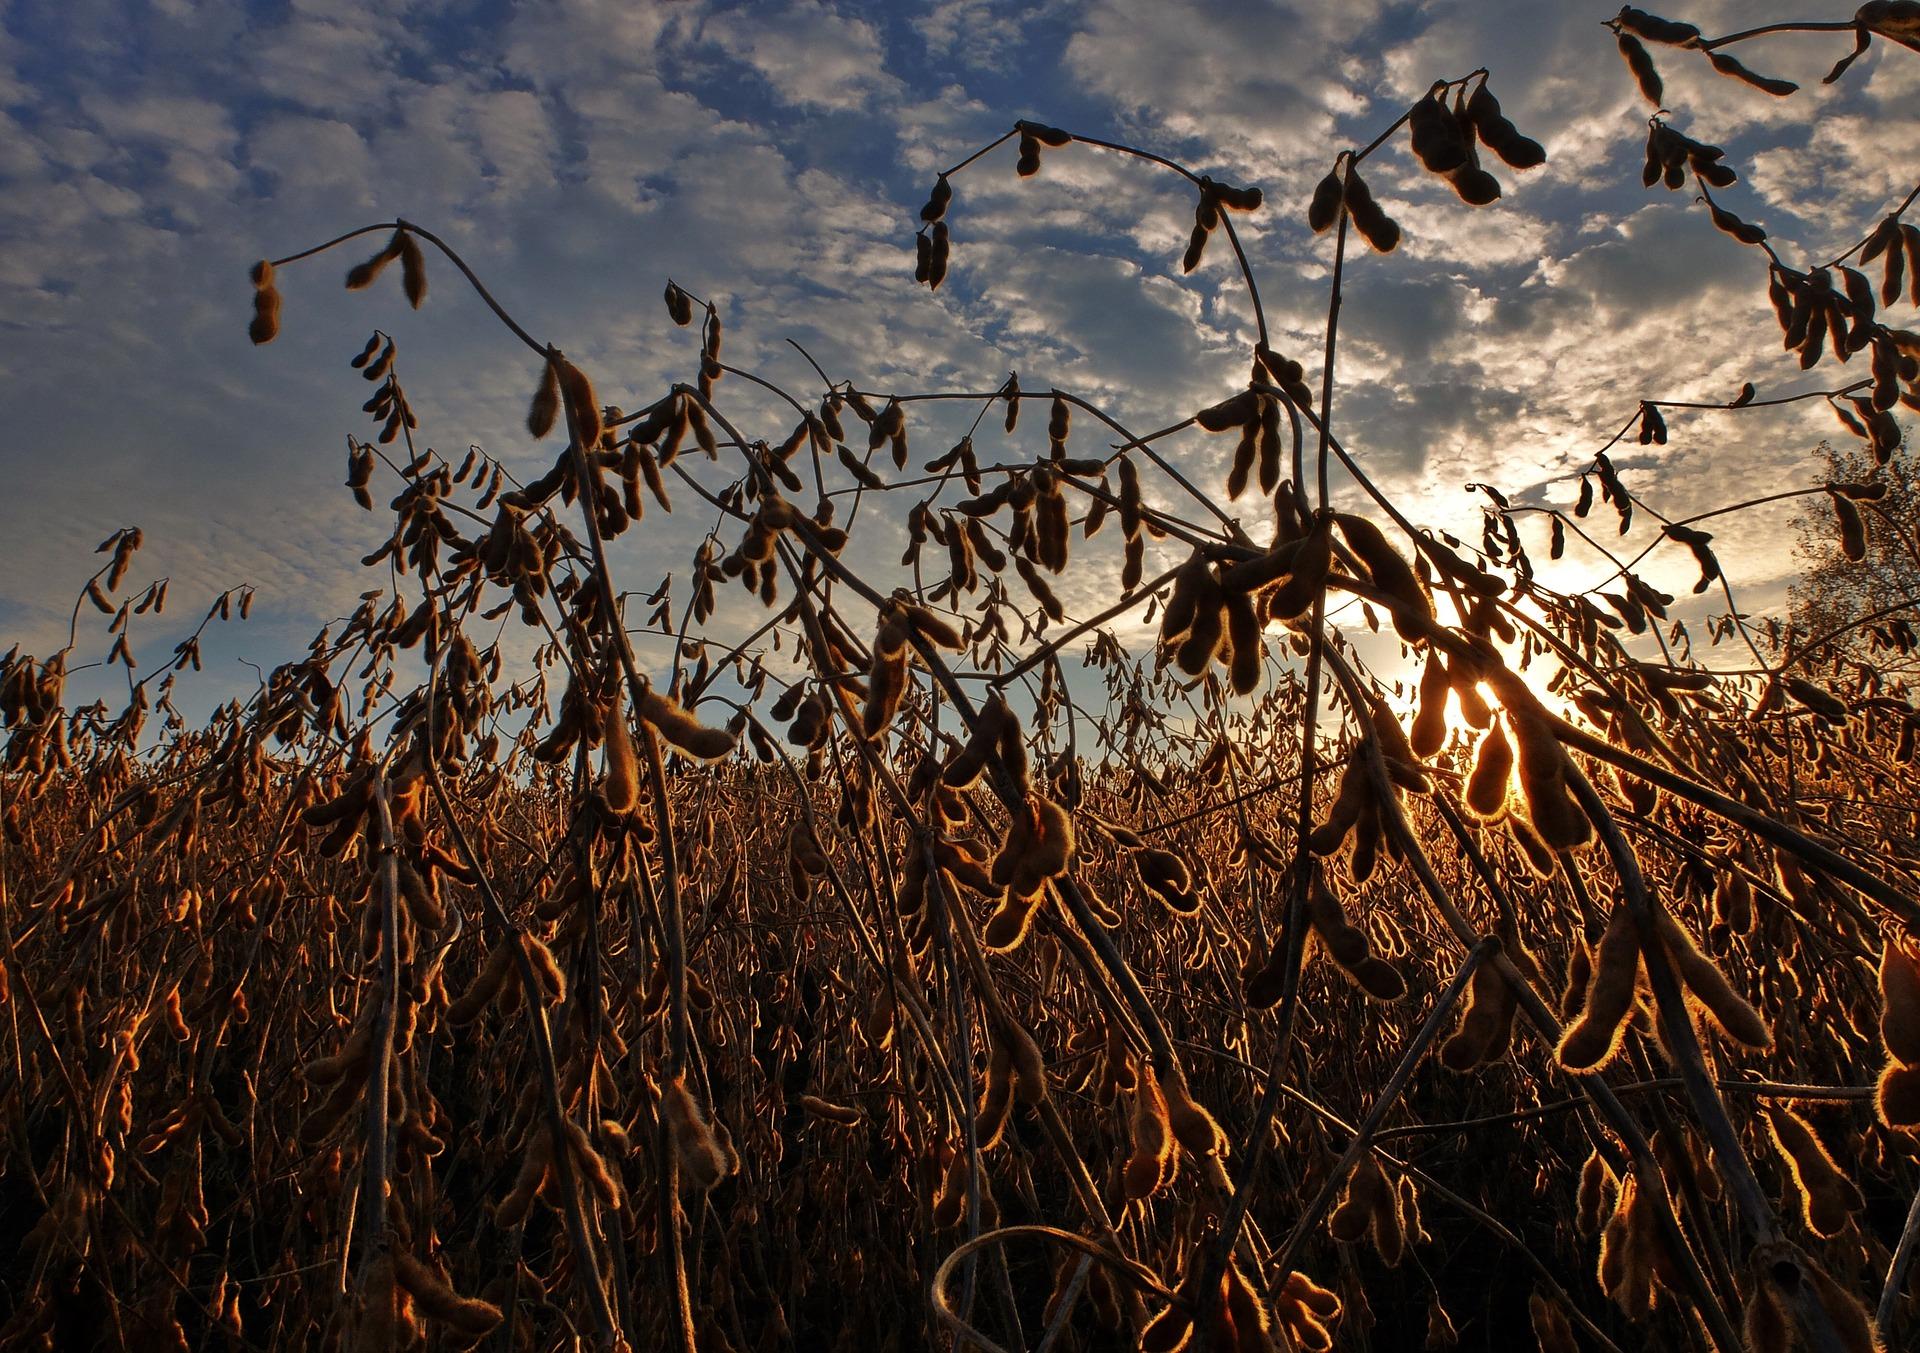 Закупівельні ціни на сою без ГМО досягли рекордного рівня